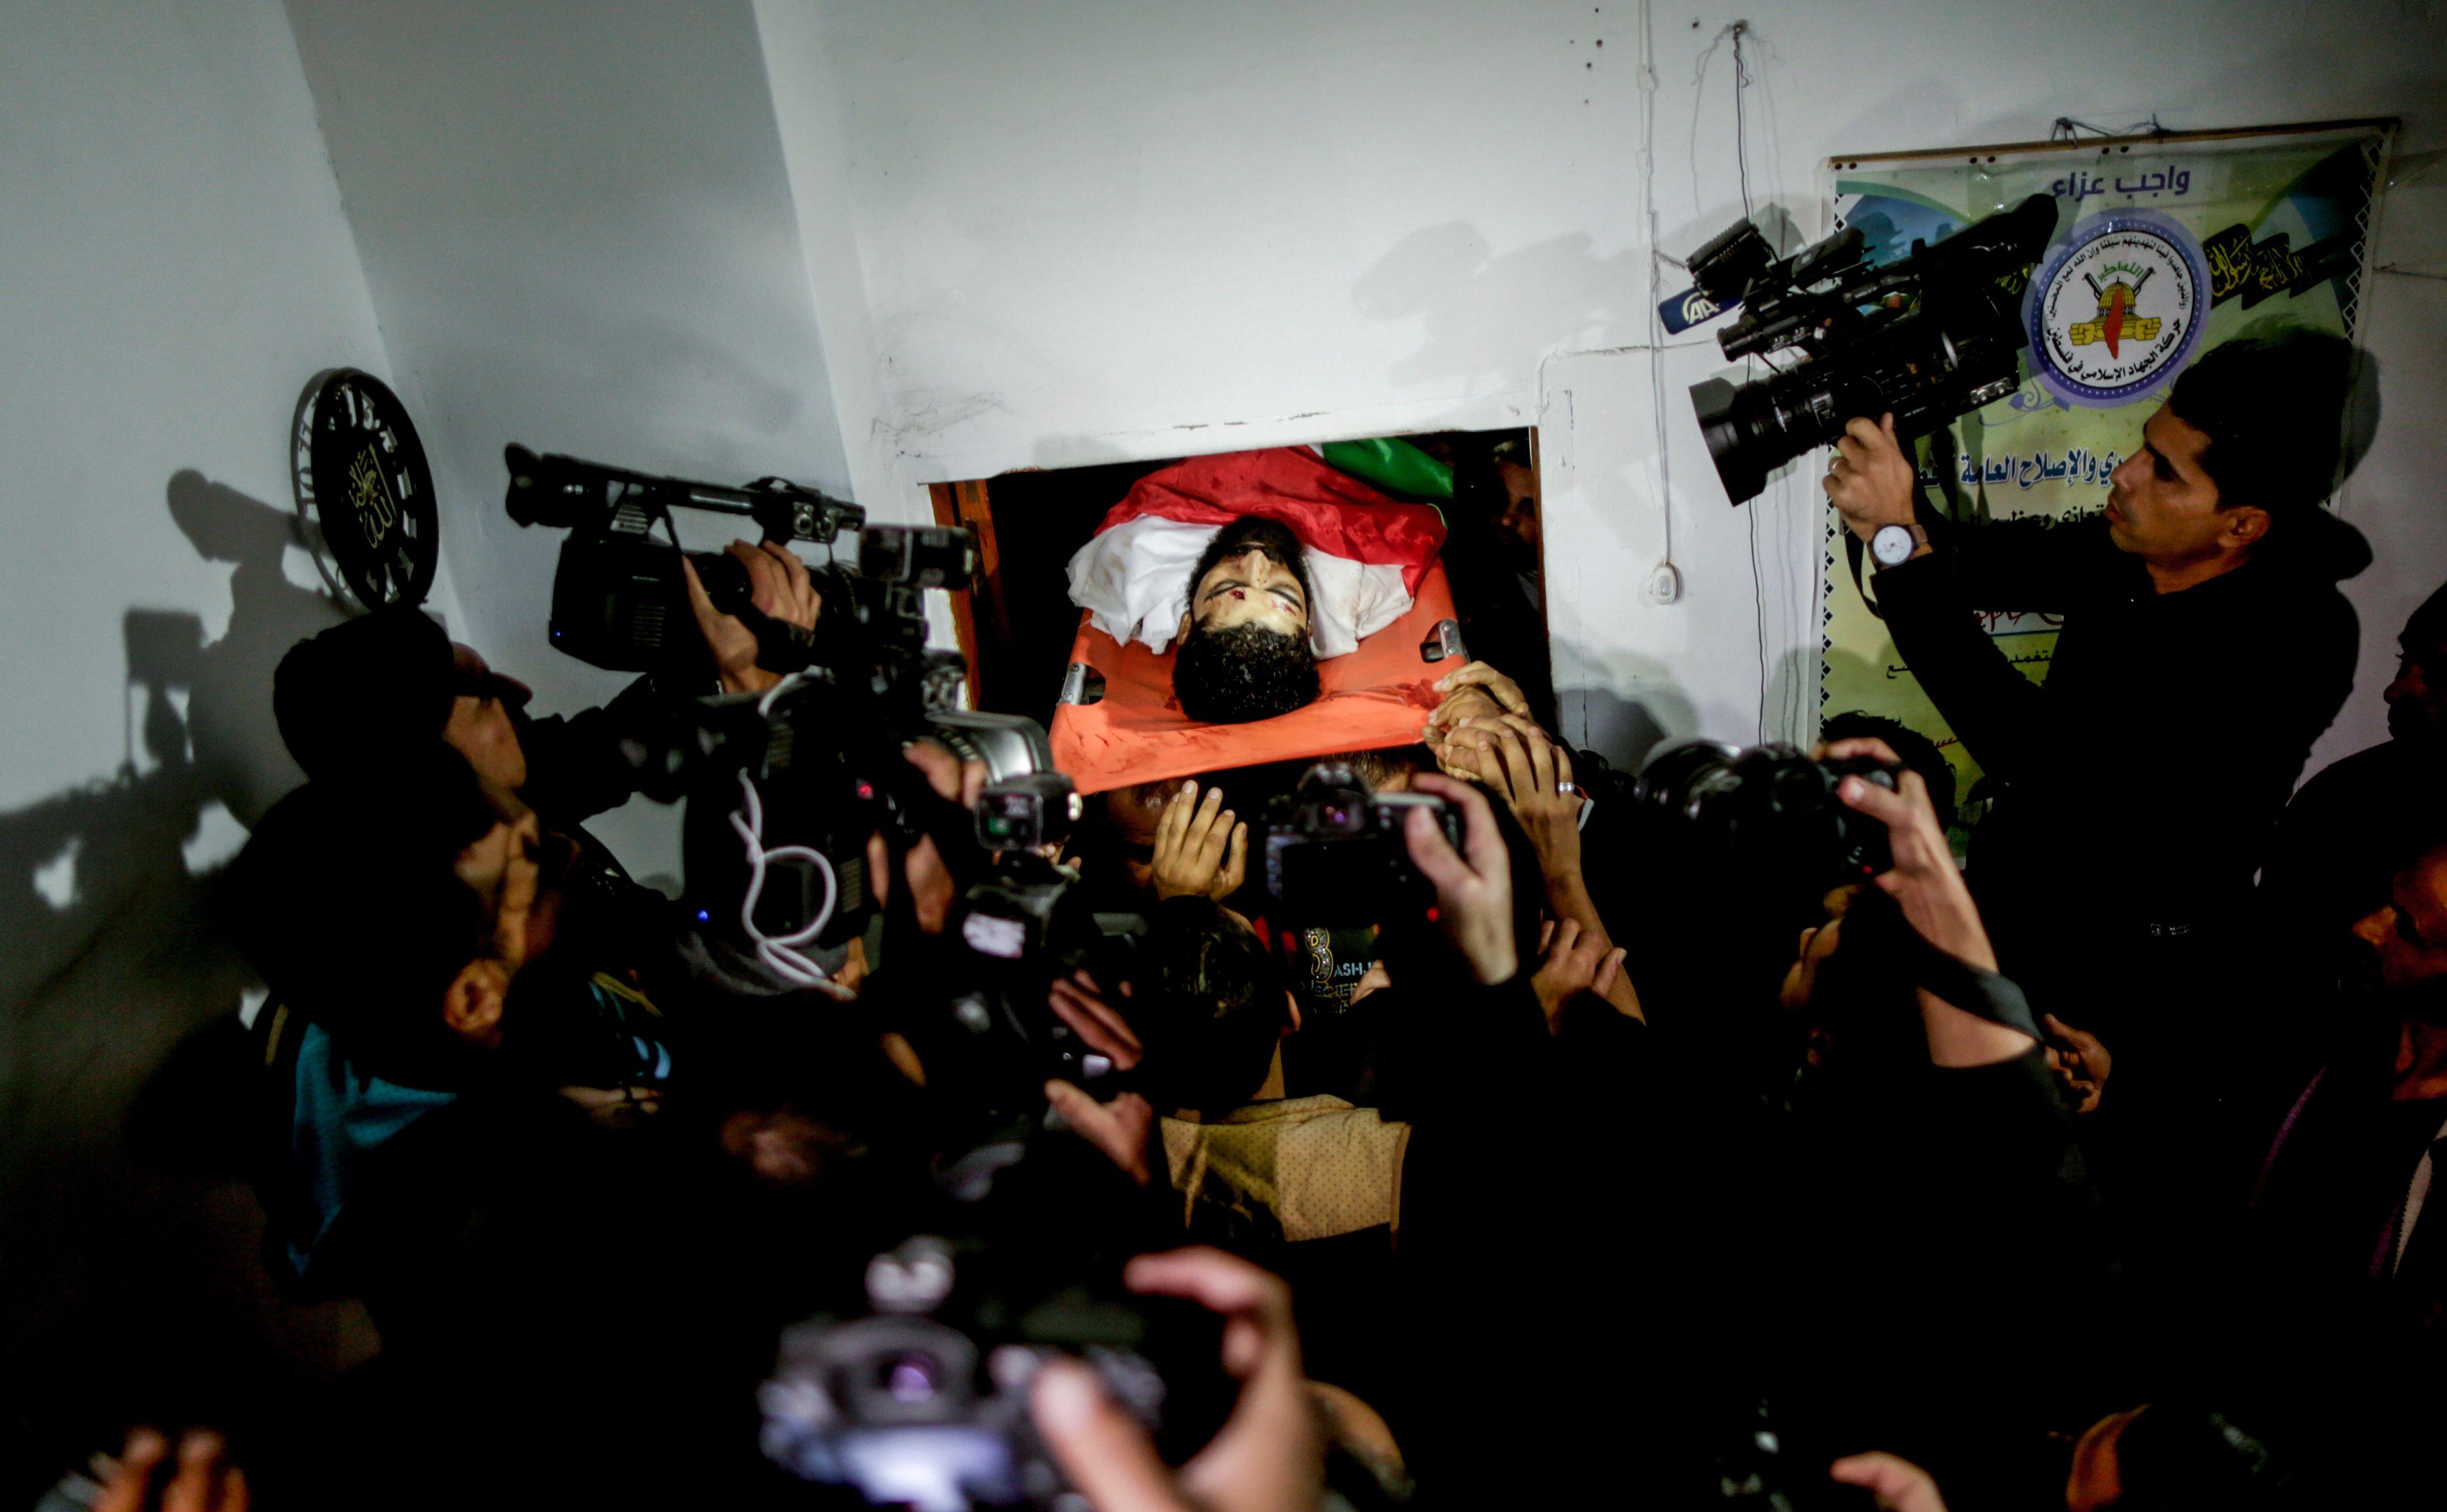 وسائل الإعلام تغطى لحظات تشييع جثمان الشهيد أبو ثريا